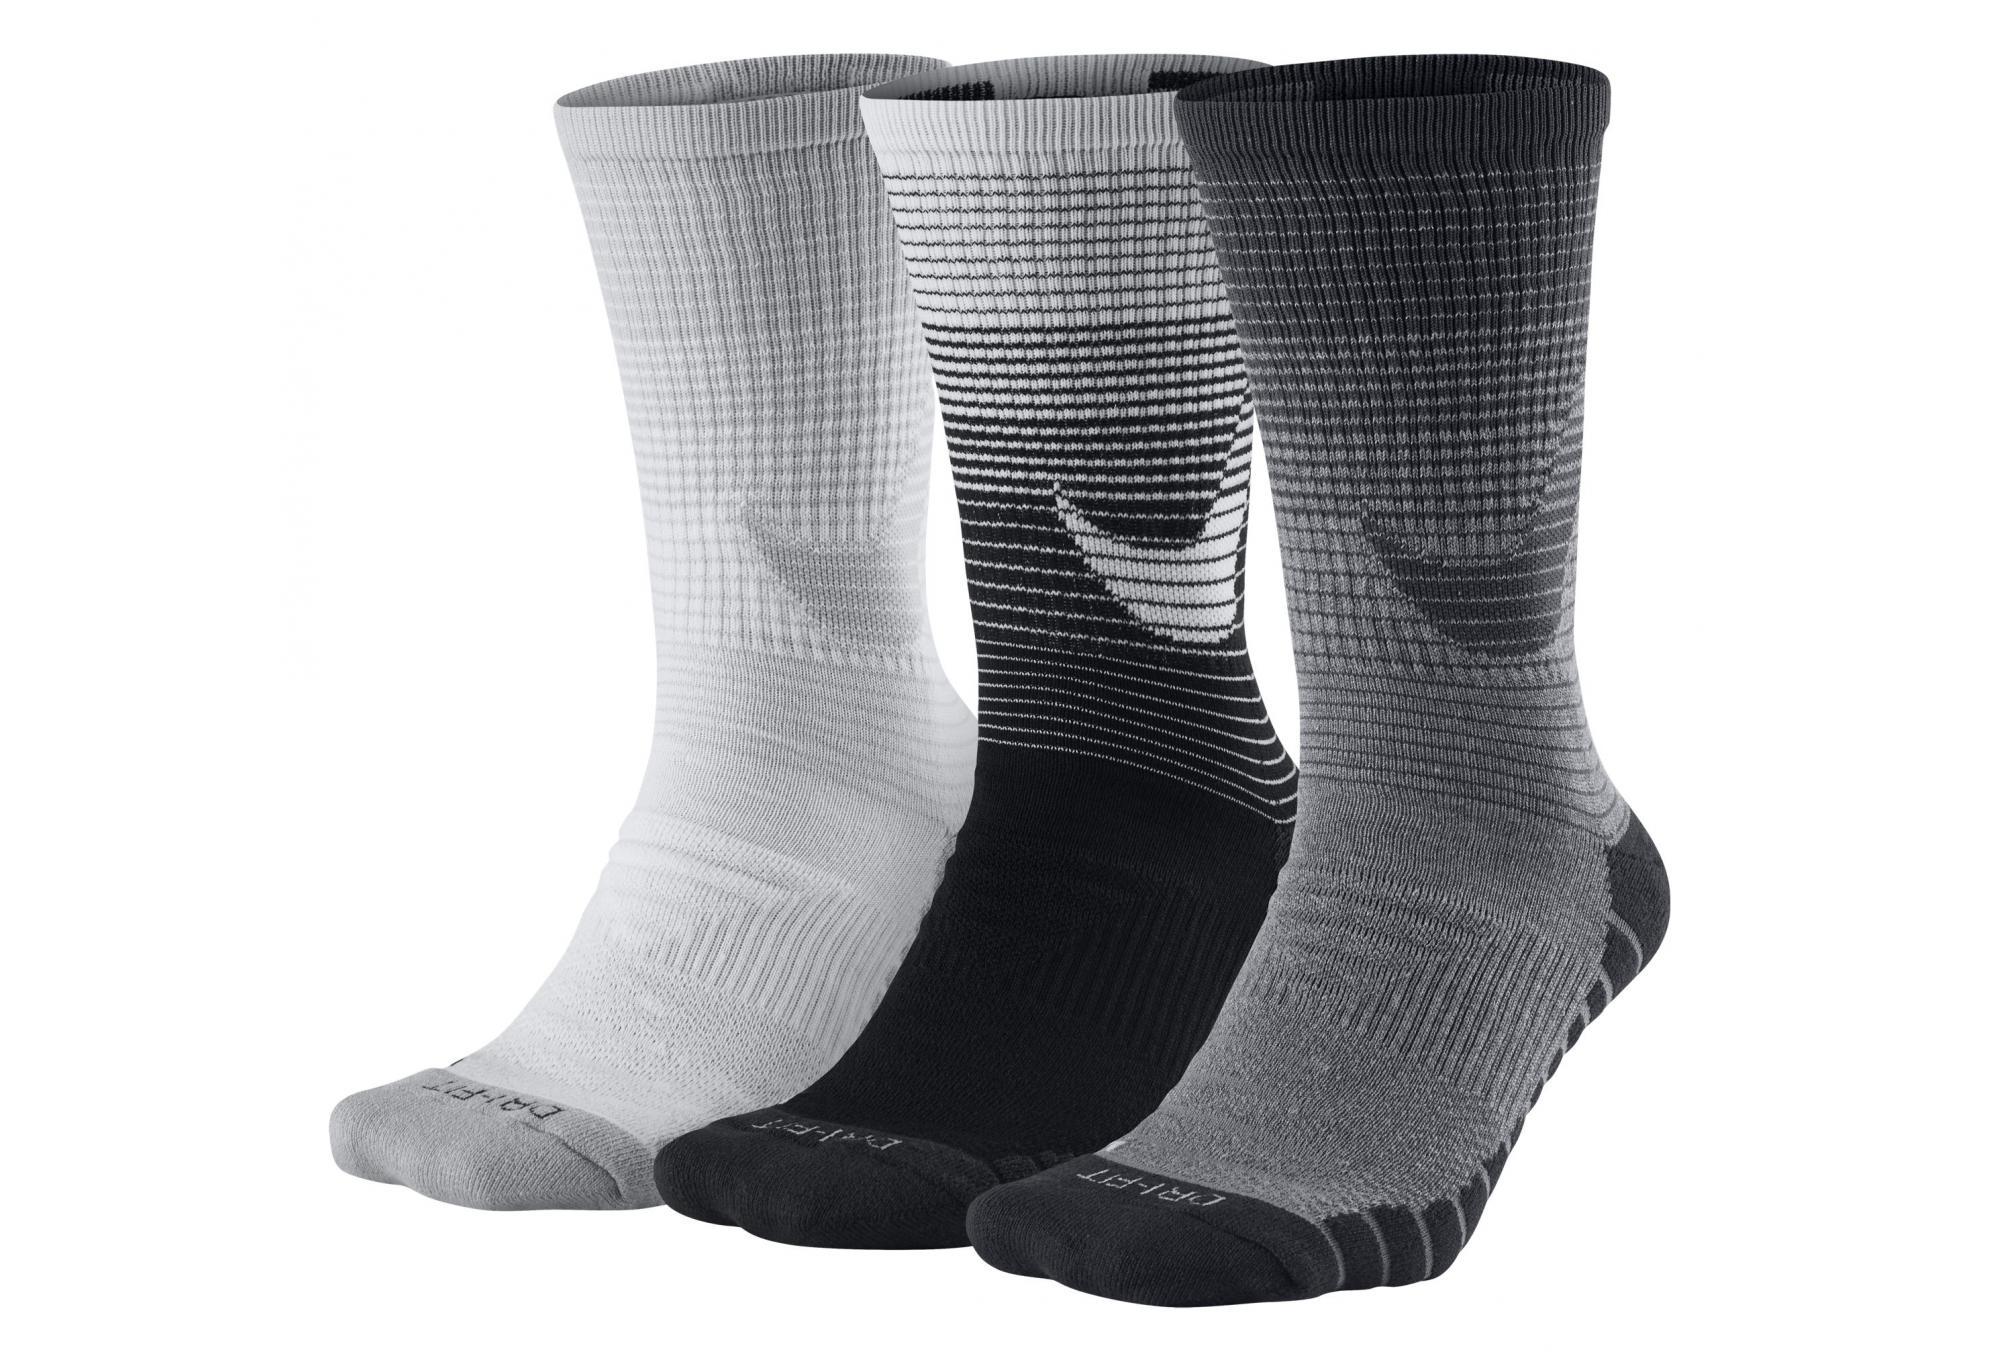 501d8743748b Nike Socks Dry Cushion Crew (3 Pair) Black White Grey Unisex ...